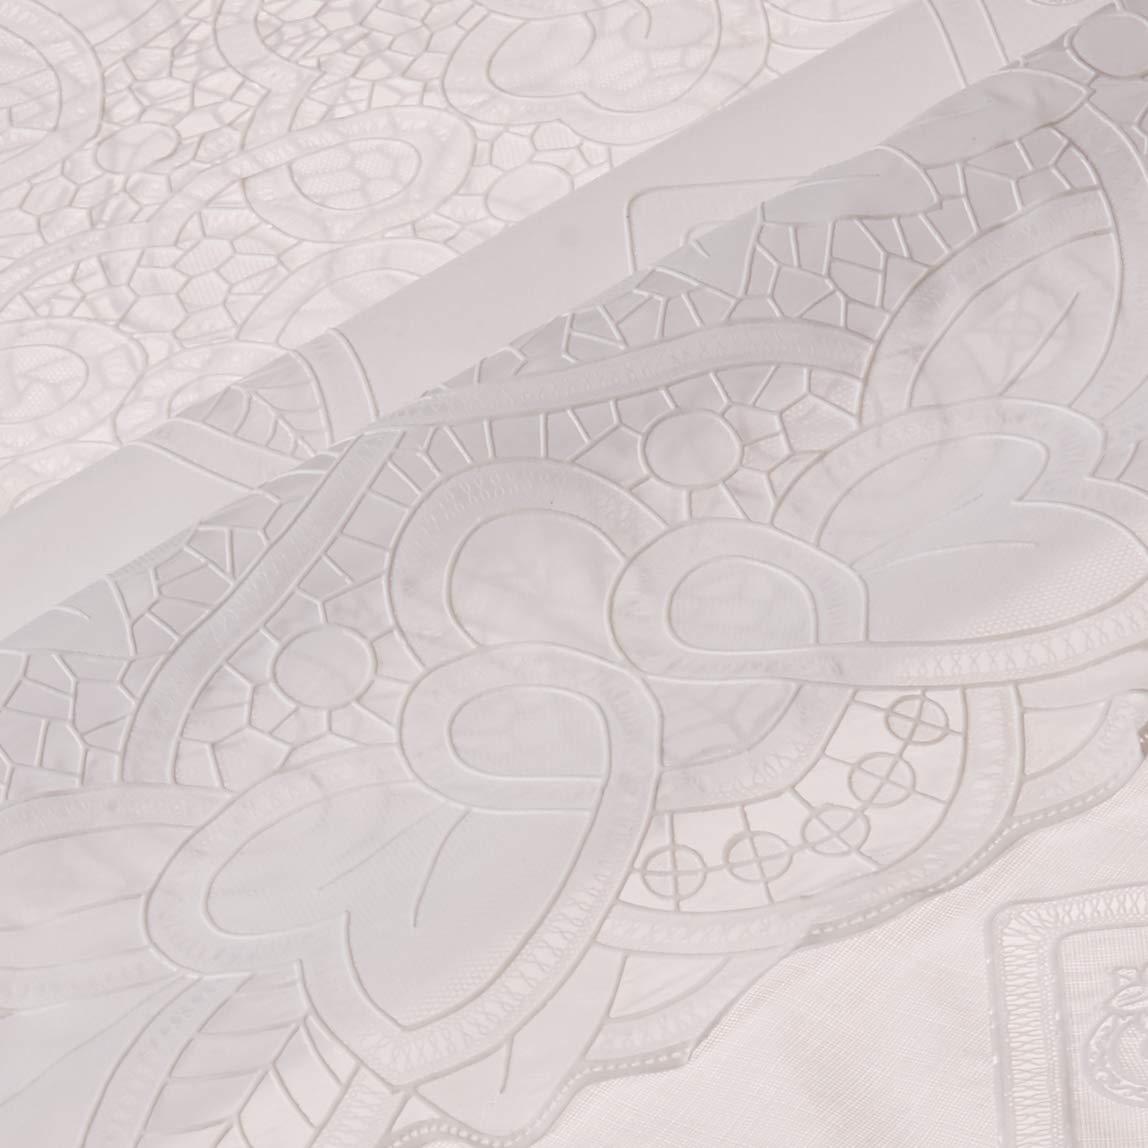 Violet Linen Vinyl Lace Betenburg Design Oblong//Rectangle Tablecloth 60 x 90 White VL 6700 WH-4